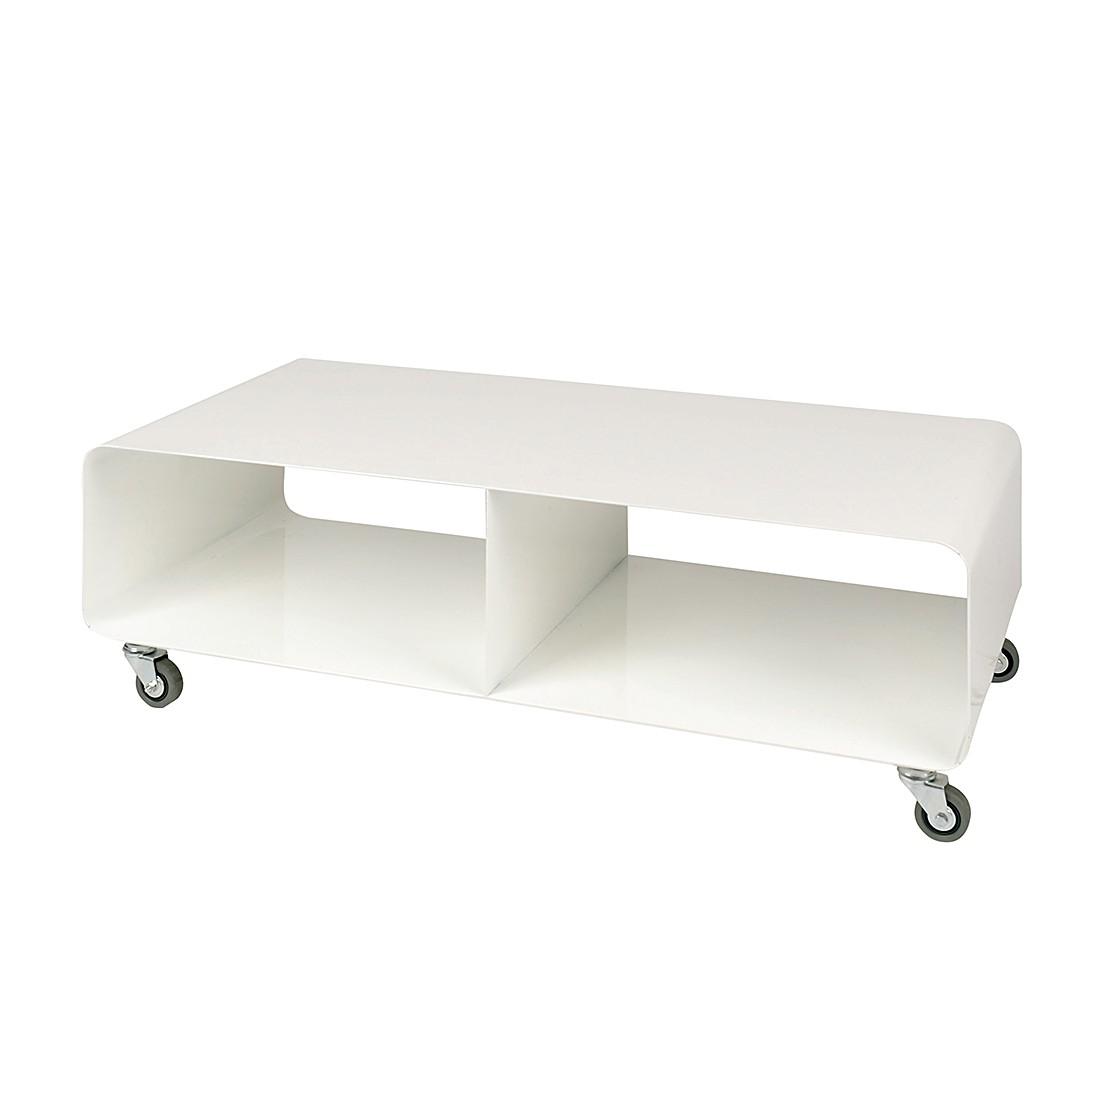 Mobiletto Da Tv Lounge M Bianco Kare Design Da Home24 It 24 49 Brand  #726659 1100 1100 Mobiletto Multiuso Con Ripiani